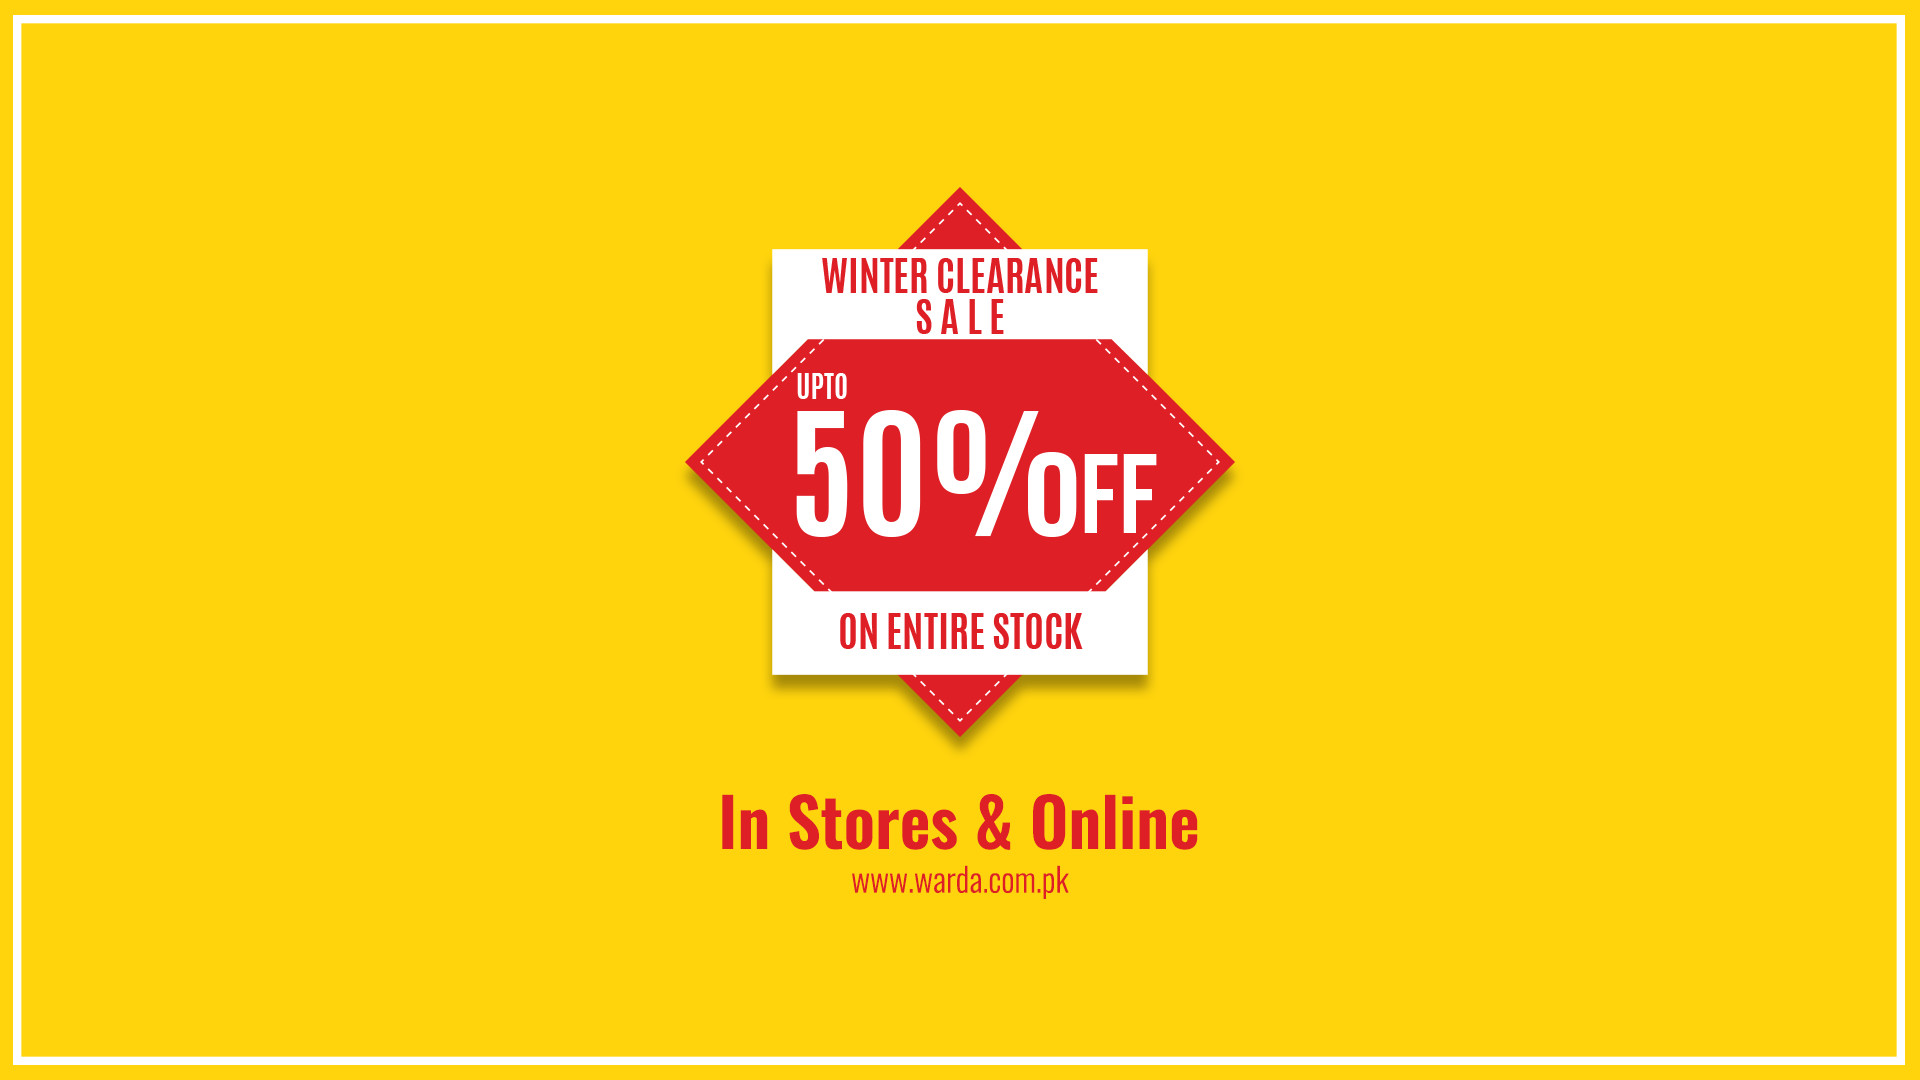 Warda - Winter Clearance Sale